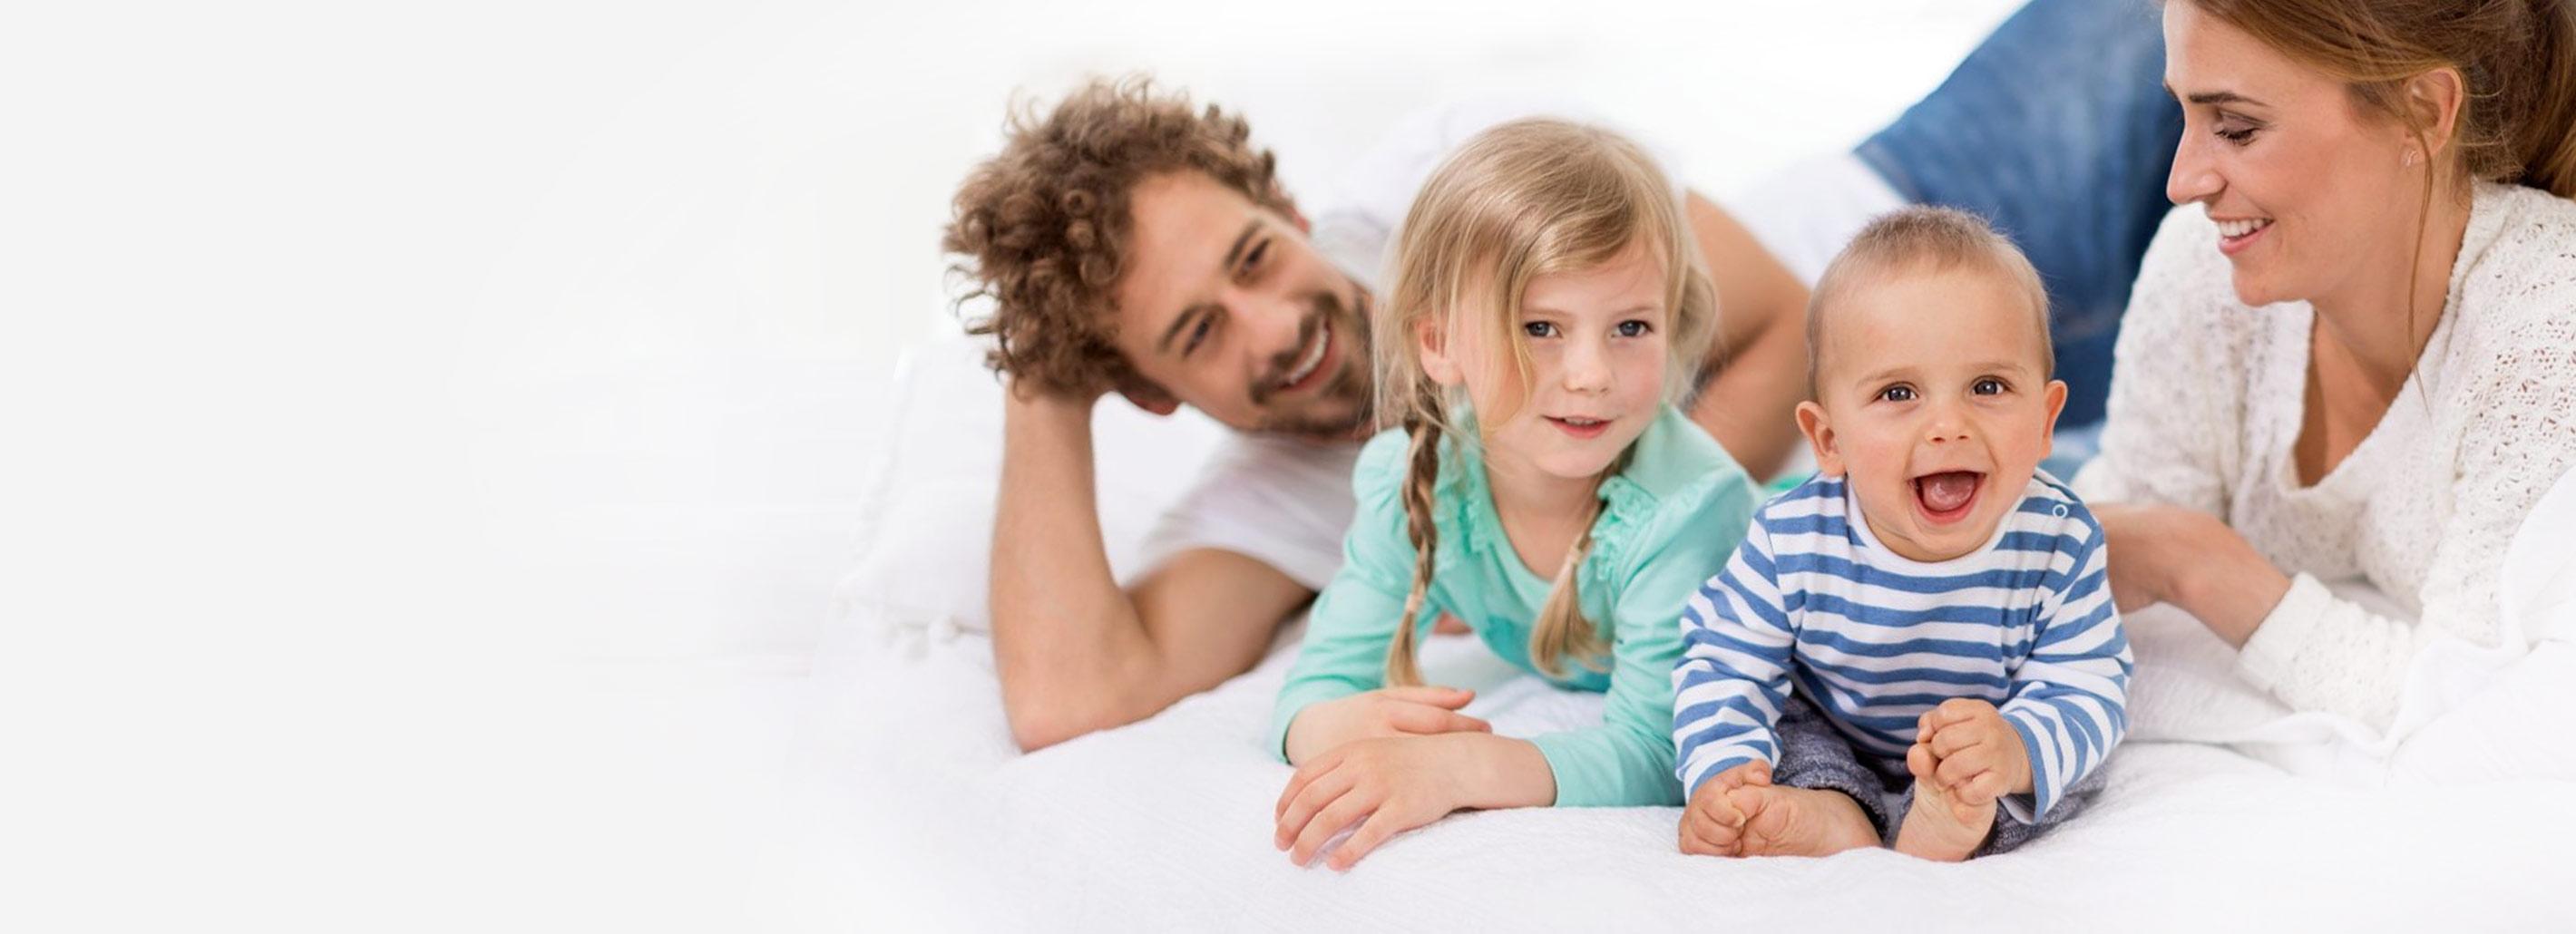 ernstings family jahreskarten aktivierung